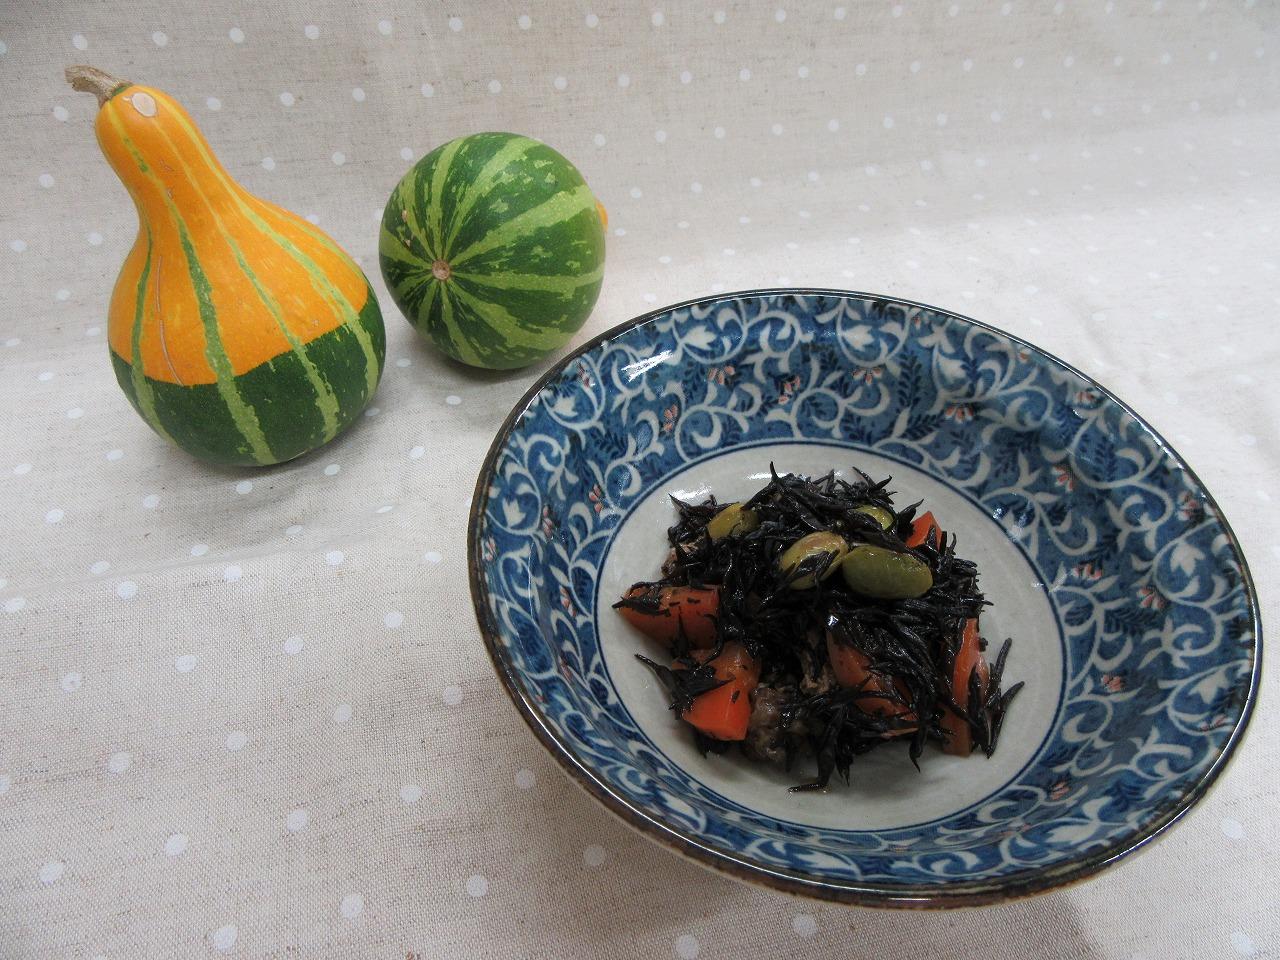 ひじきと枝豆の炒り煮